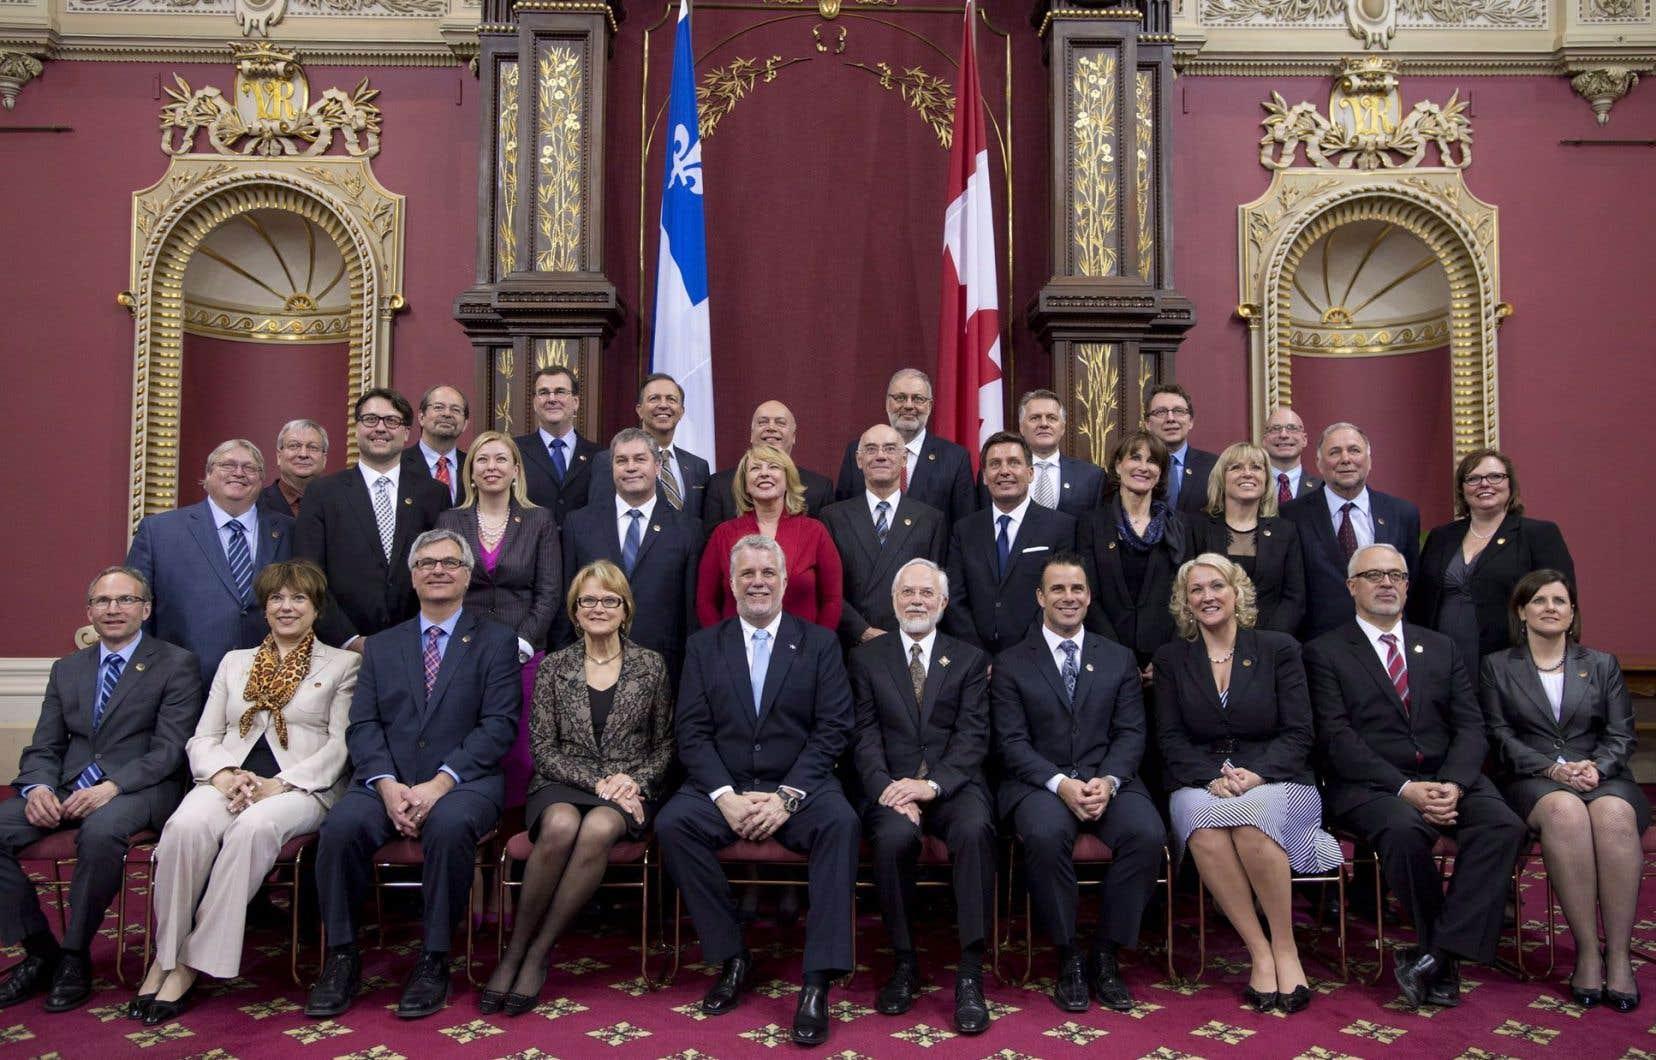 Peu après son élection, le premier ministre, Philippe Couillard, nommait les membres de son cabinet.